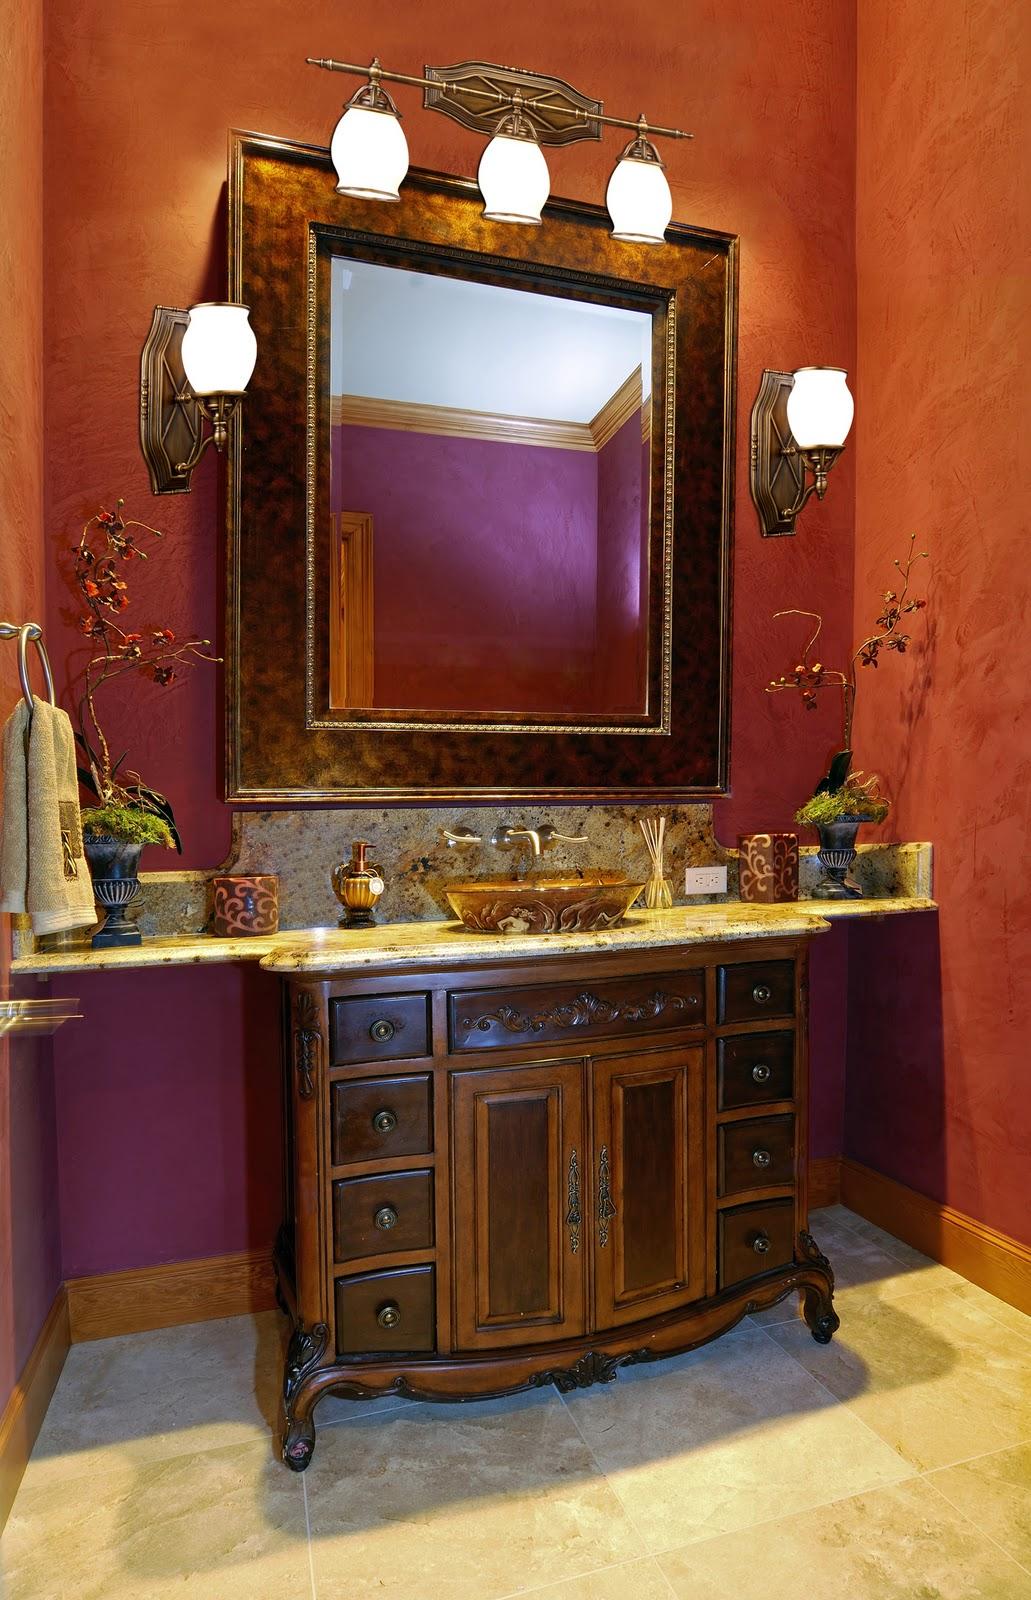 http://4.bp.blogspot.com/_SguU0Mf1Jes/TTrrC452DXI/AAAAAAAAMM0/Fm2SIxDKz_s/s1600/BathroomLightingVanity.jpg